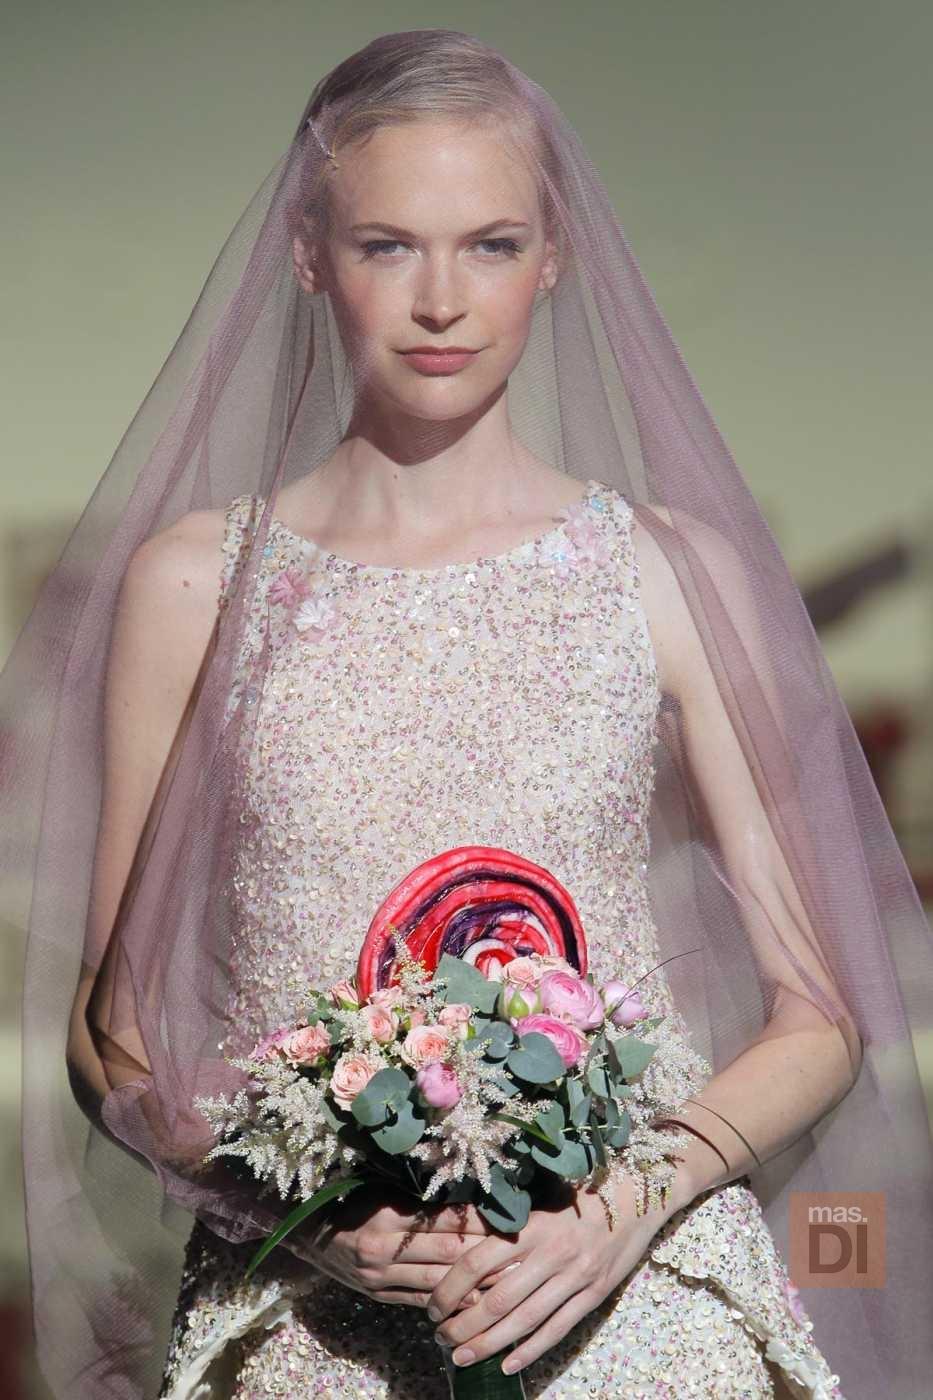 Barcelona Bridal Week. Avance de la nueva termporada de moda nupcial internacional